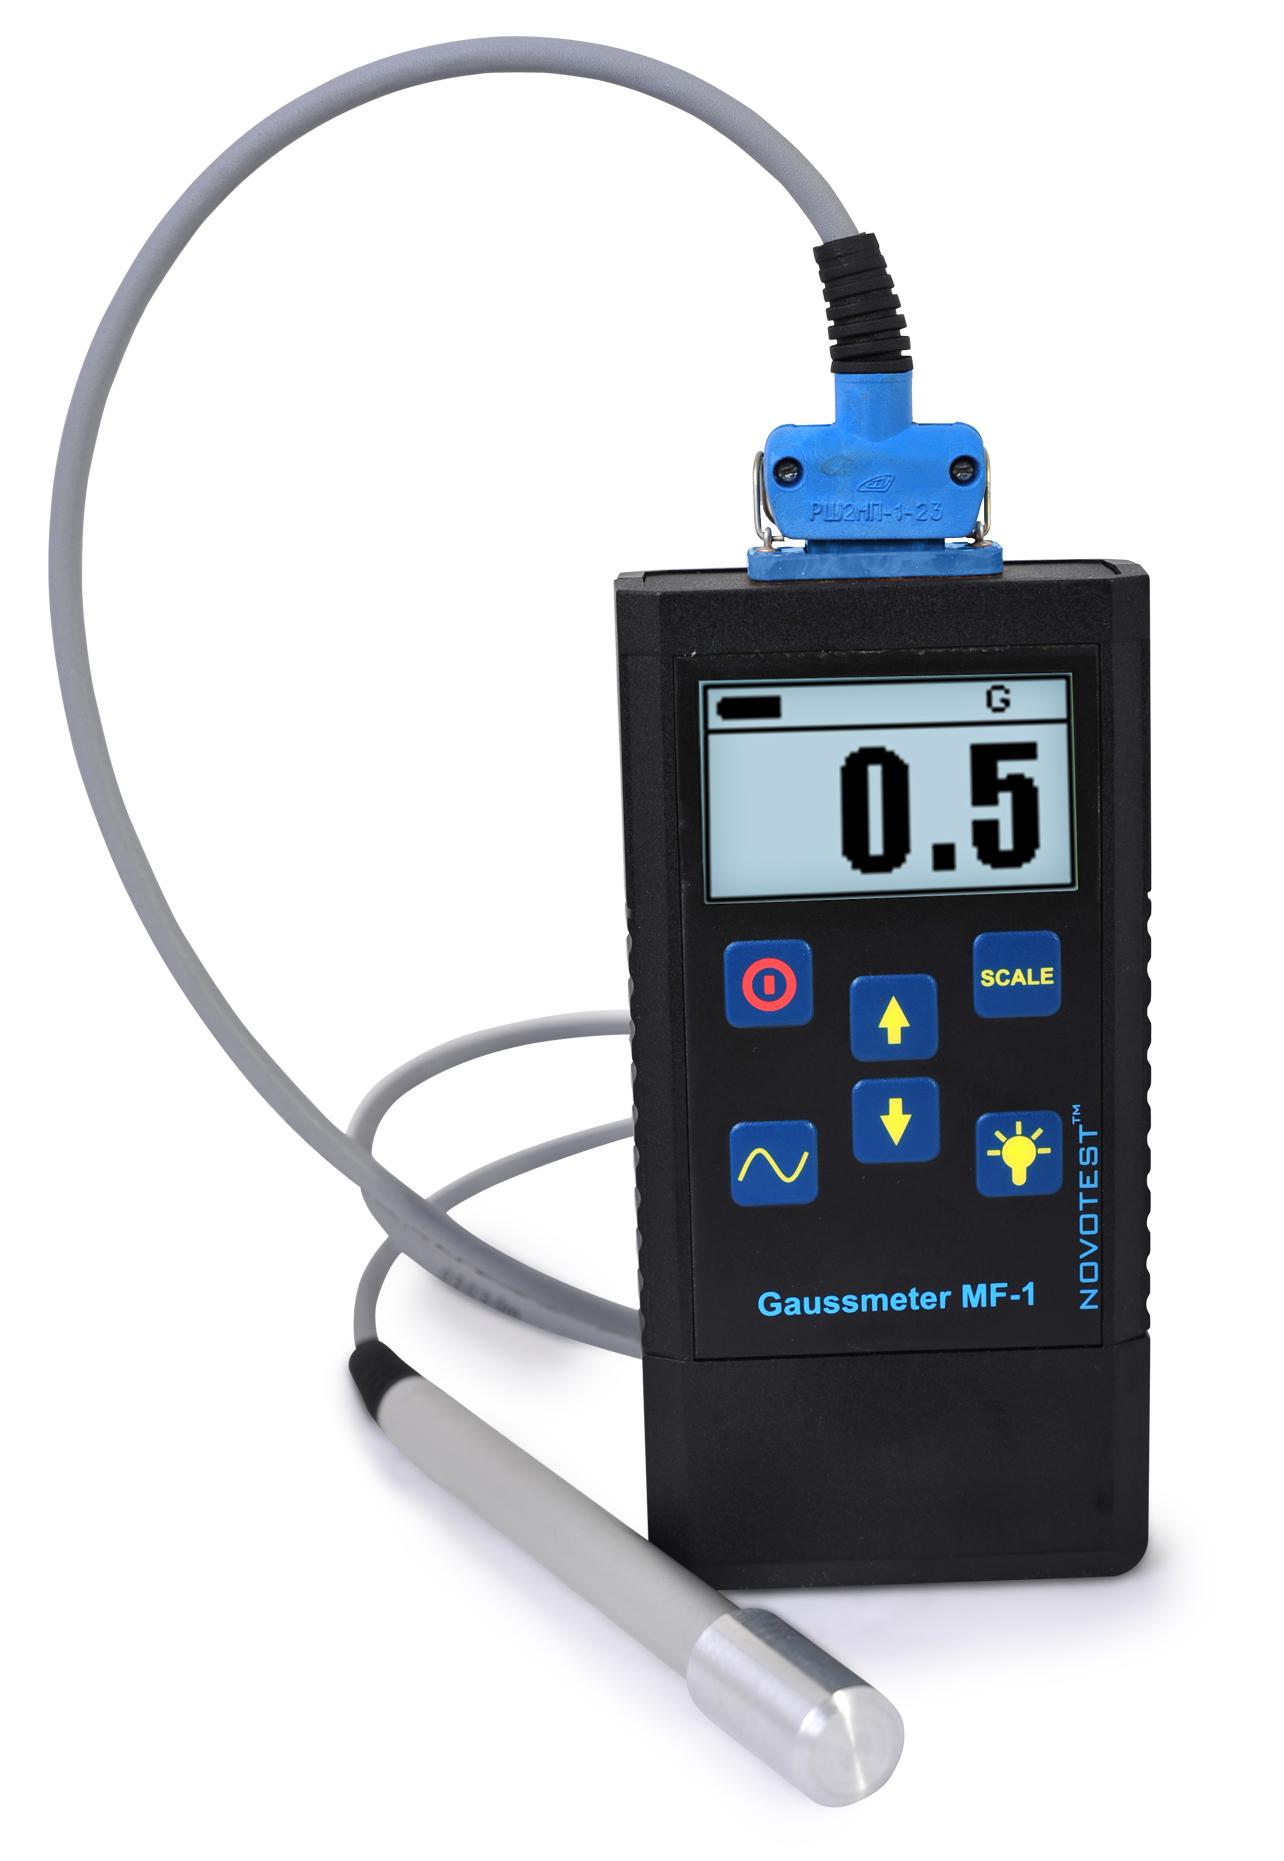 Gaussmeter (magnetometer) NOVOTEST MF-1